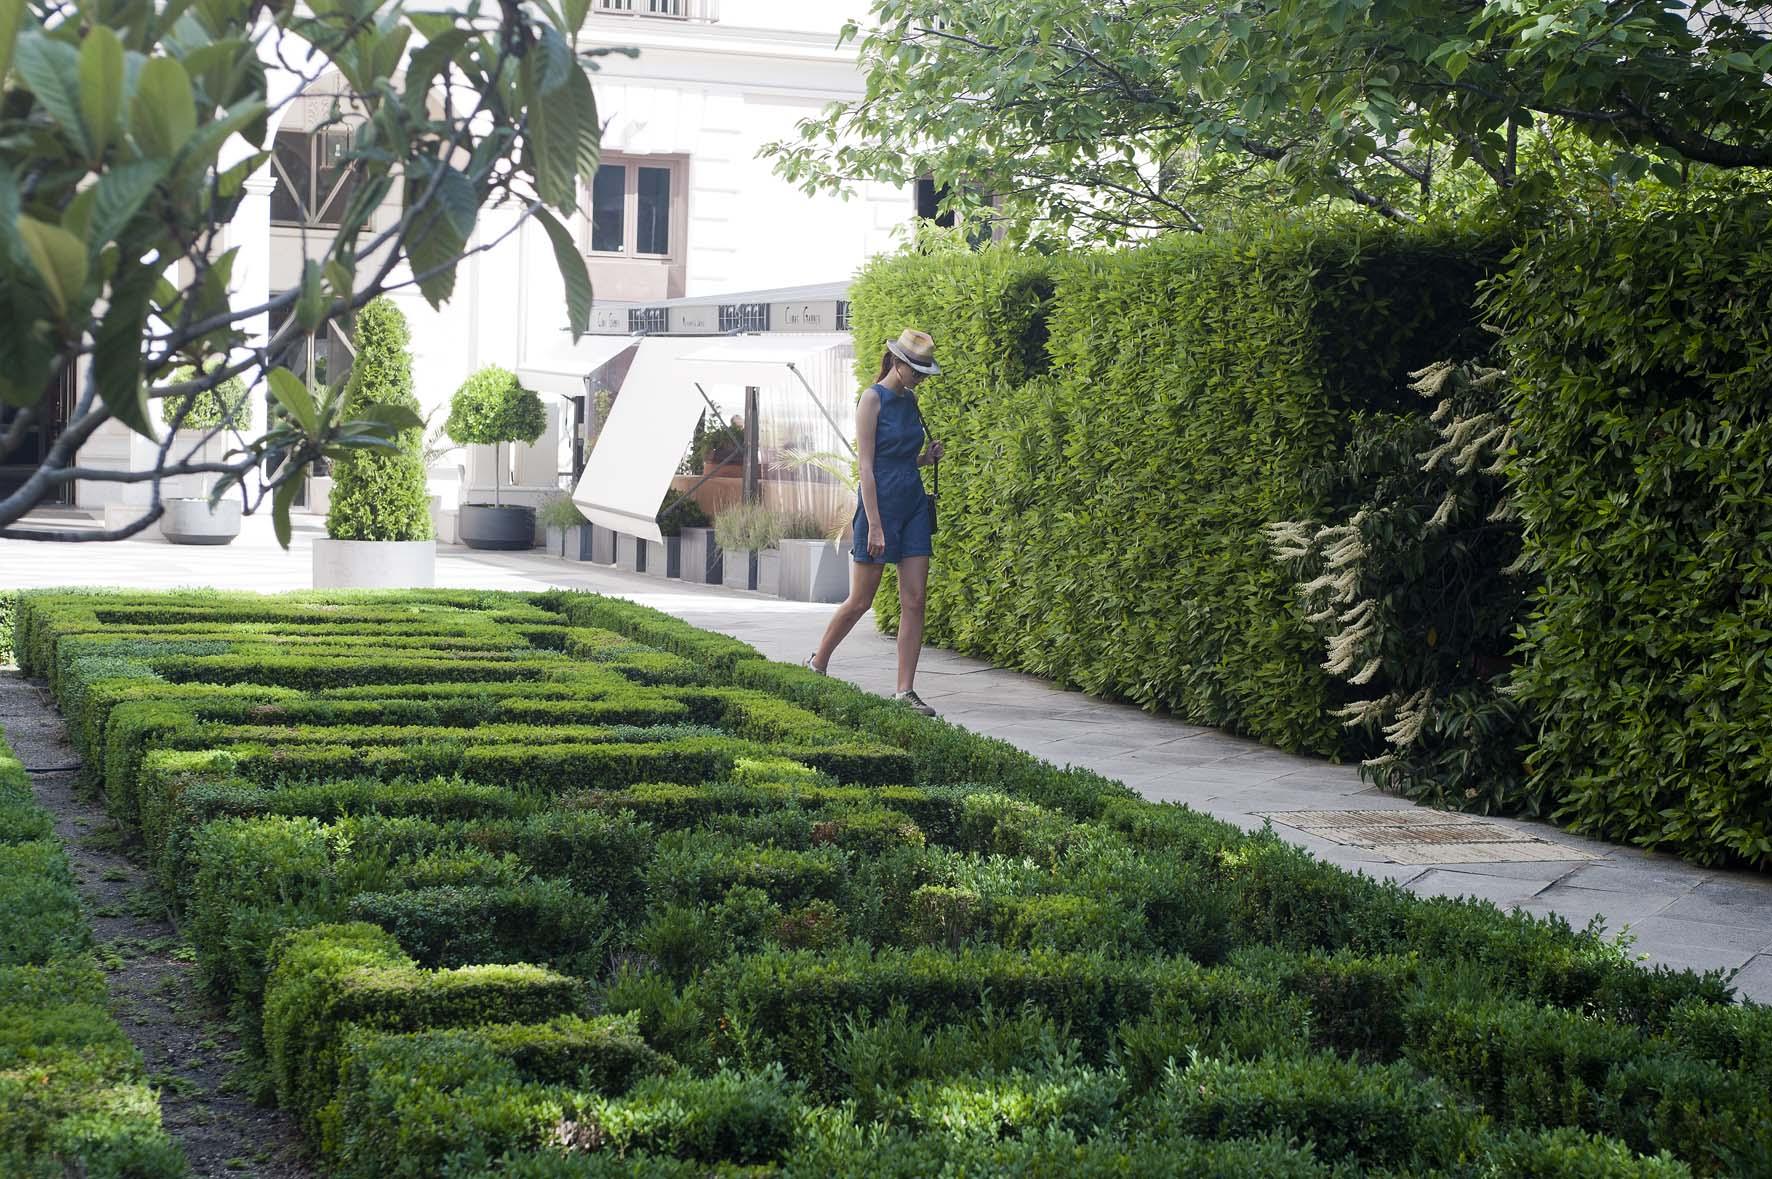 Jardines escondidos de madrid en bici for Casa jardin madrid